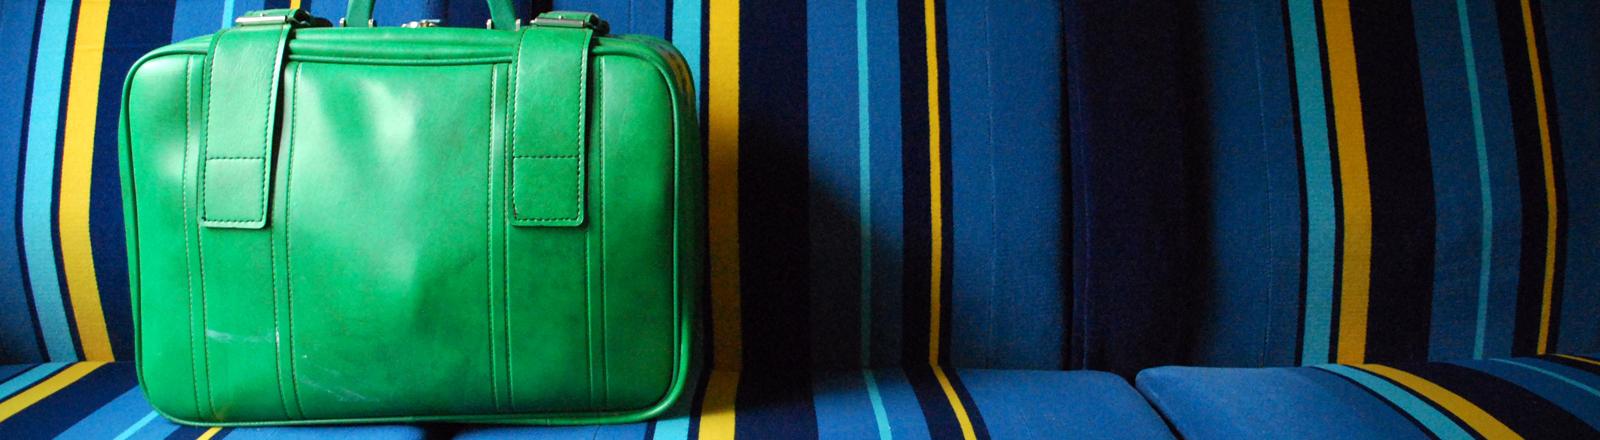 Ein grüner Koffer auf einer Sitzbank